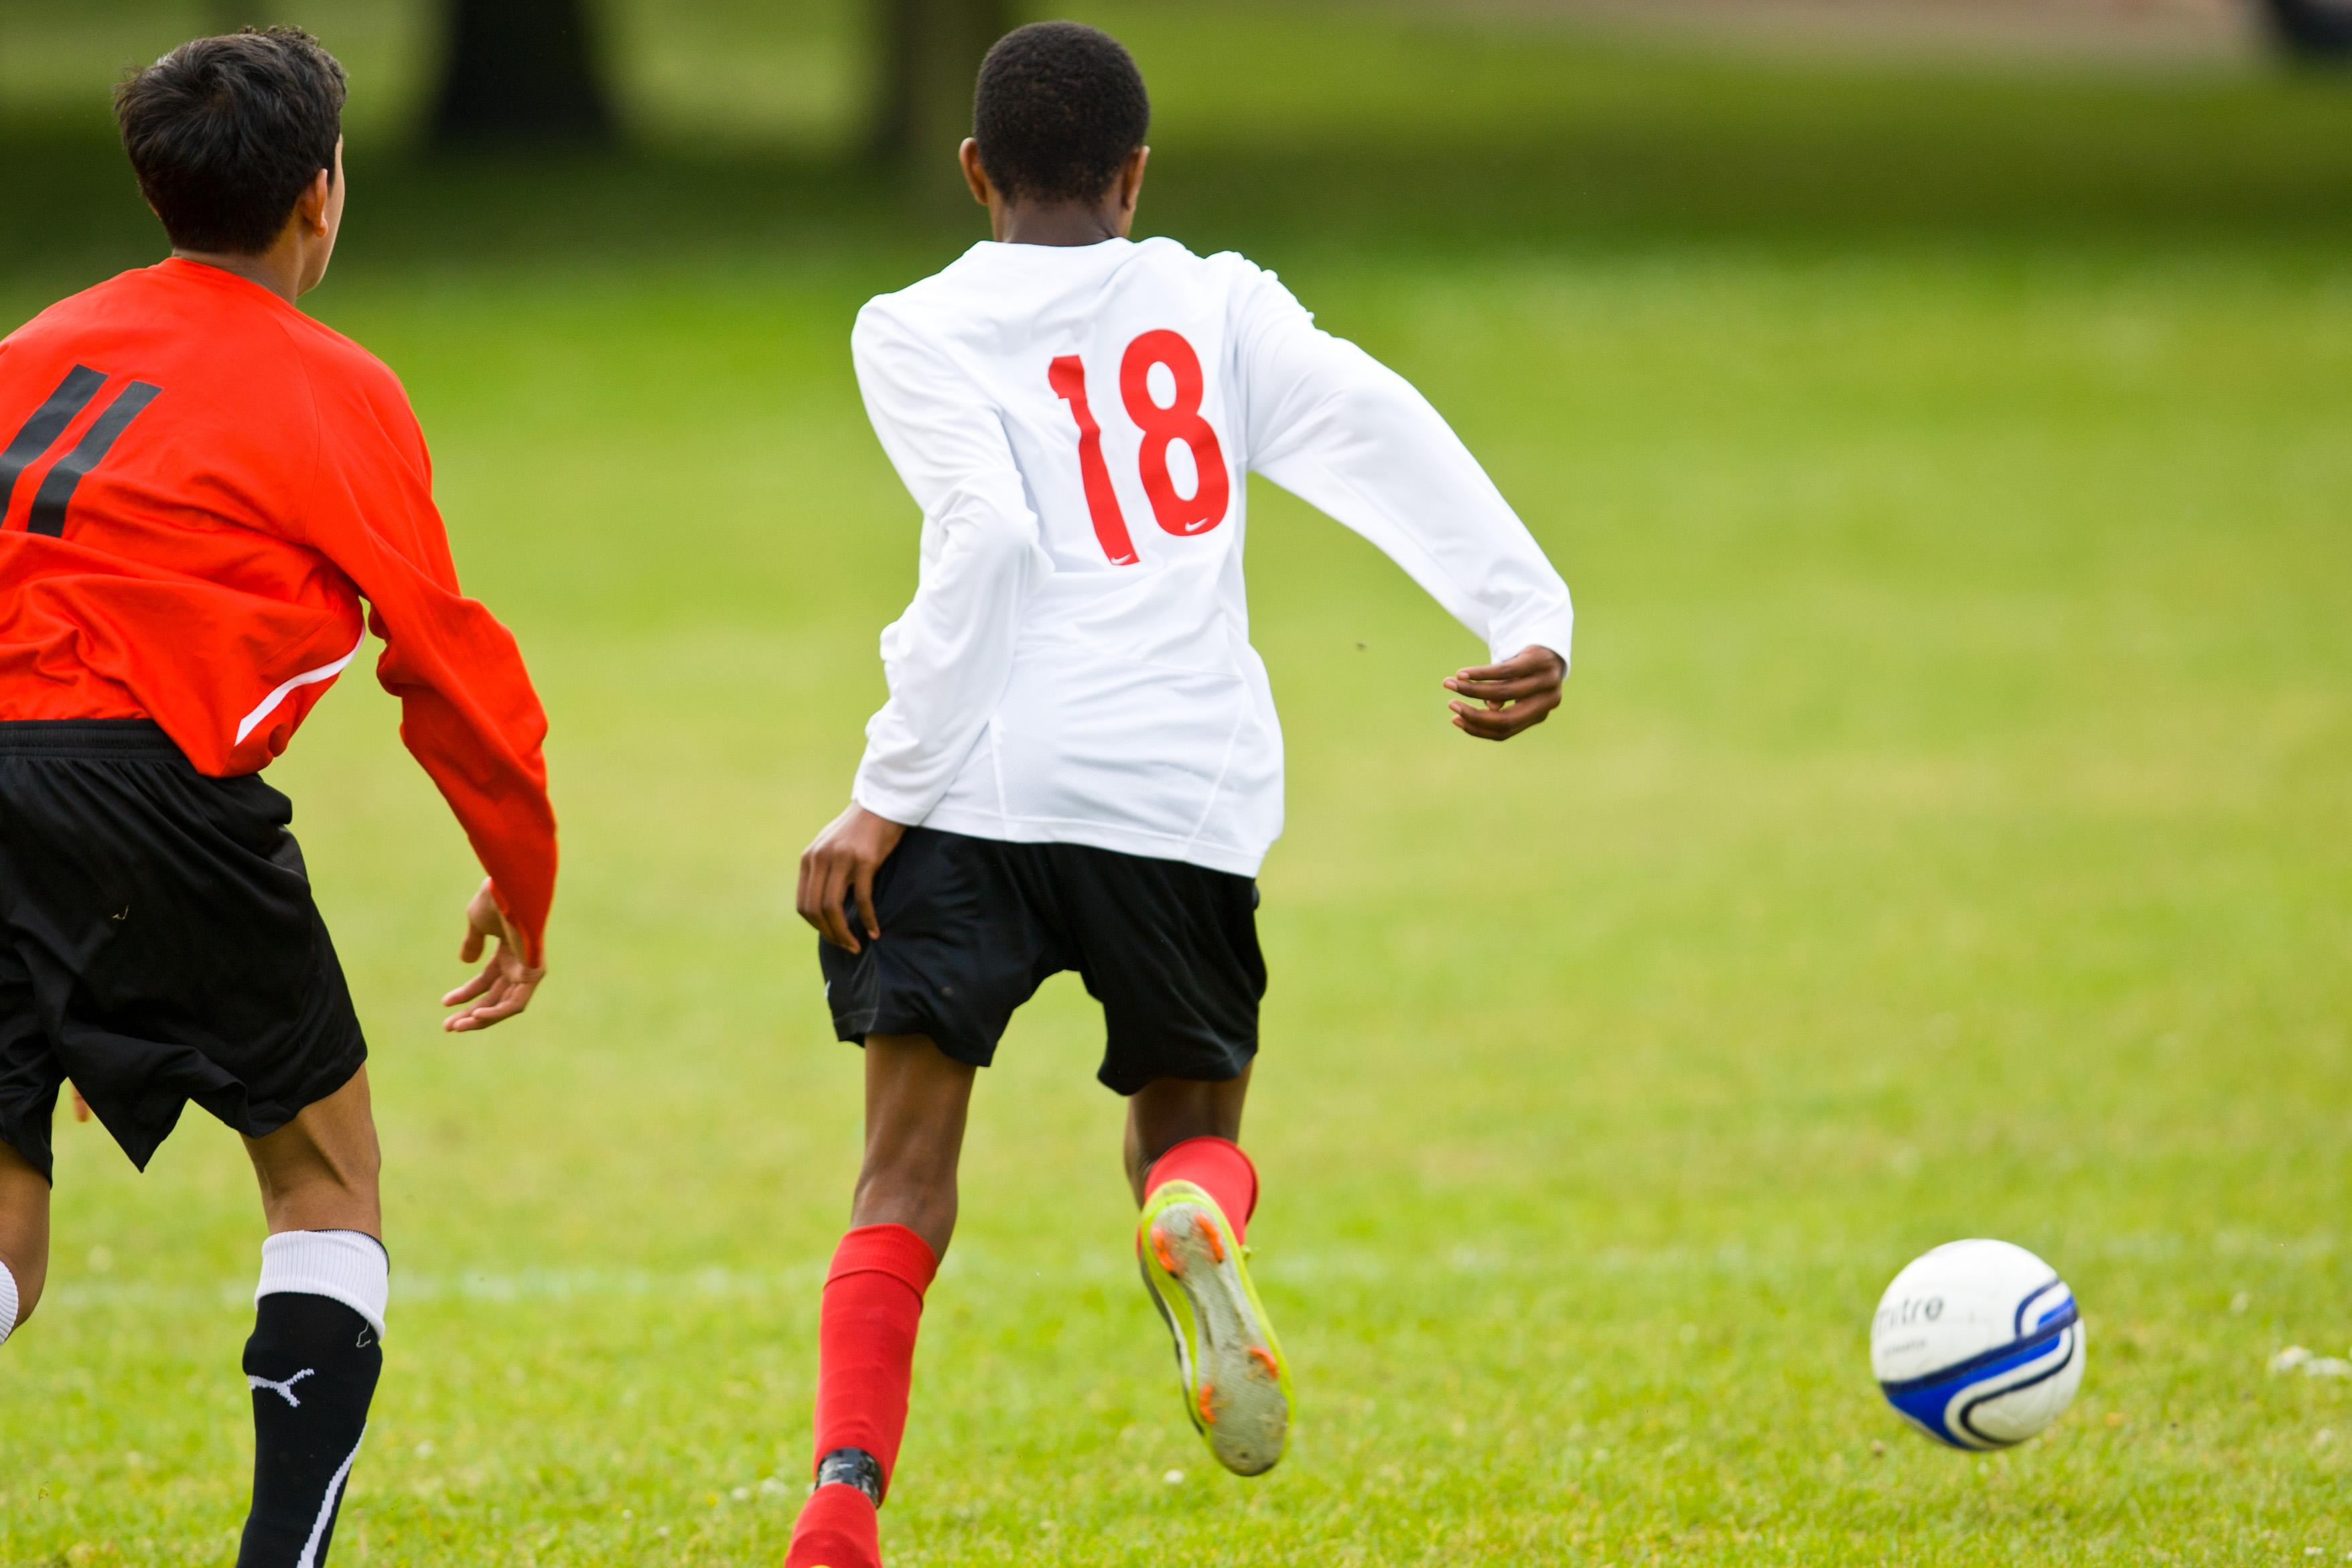 VFC U14 Samir trying to get ball.jpg